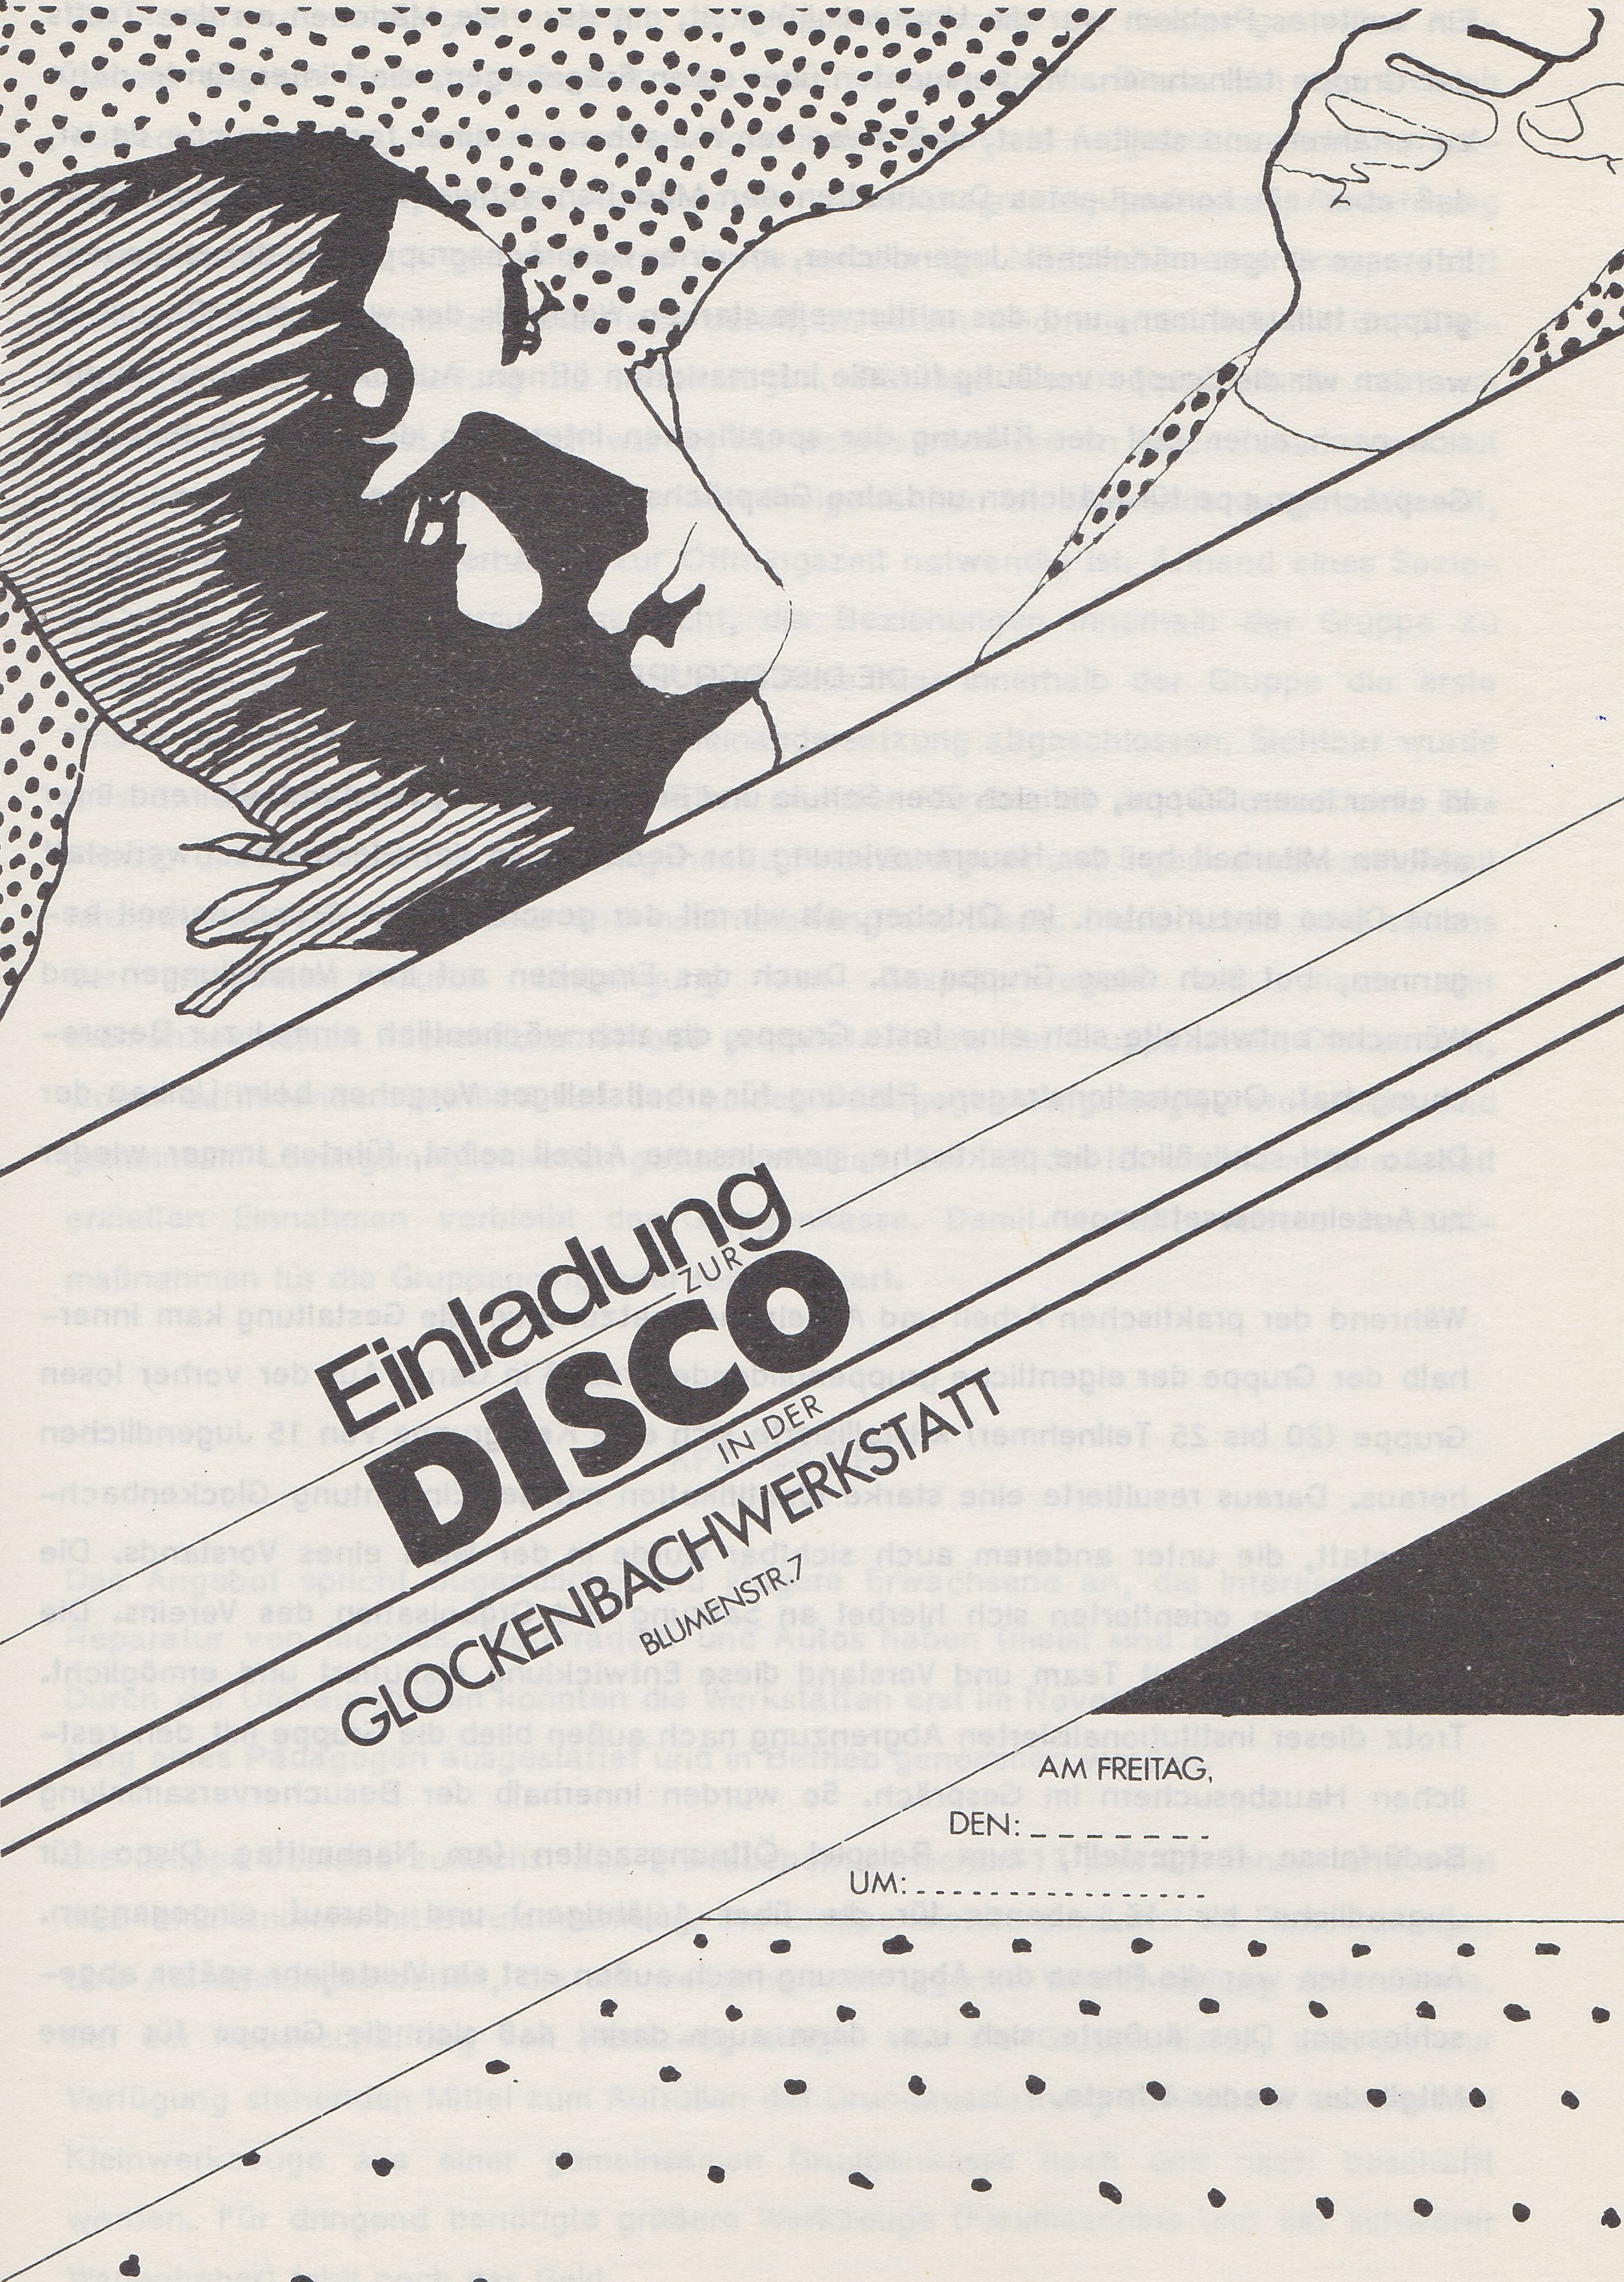 Glocke 1979 Einladung zur Disco.jpg